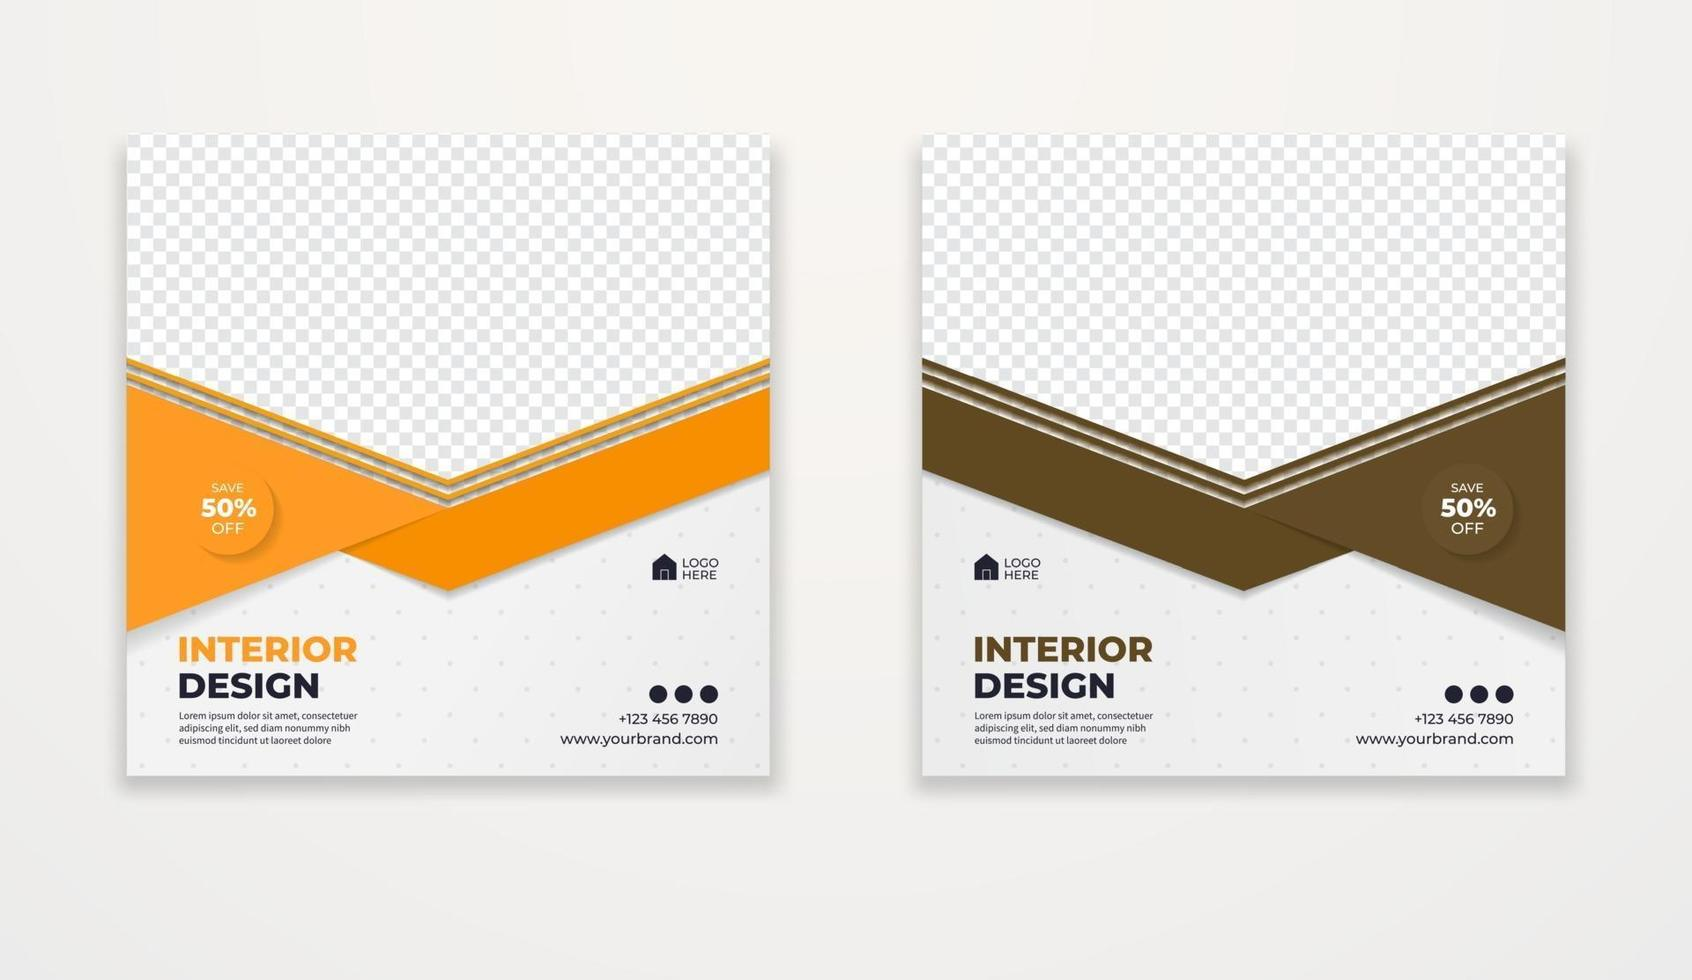 verkoop- en kortingsbannersjablonen voor interieurontwerp. vector